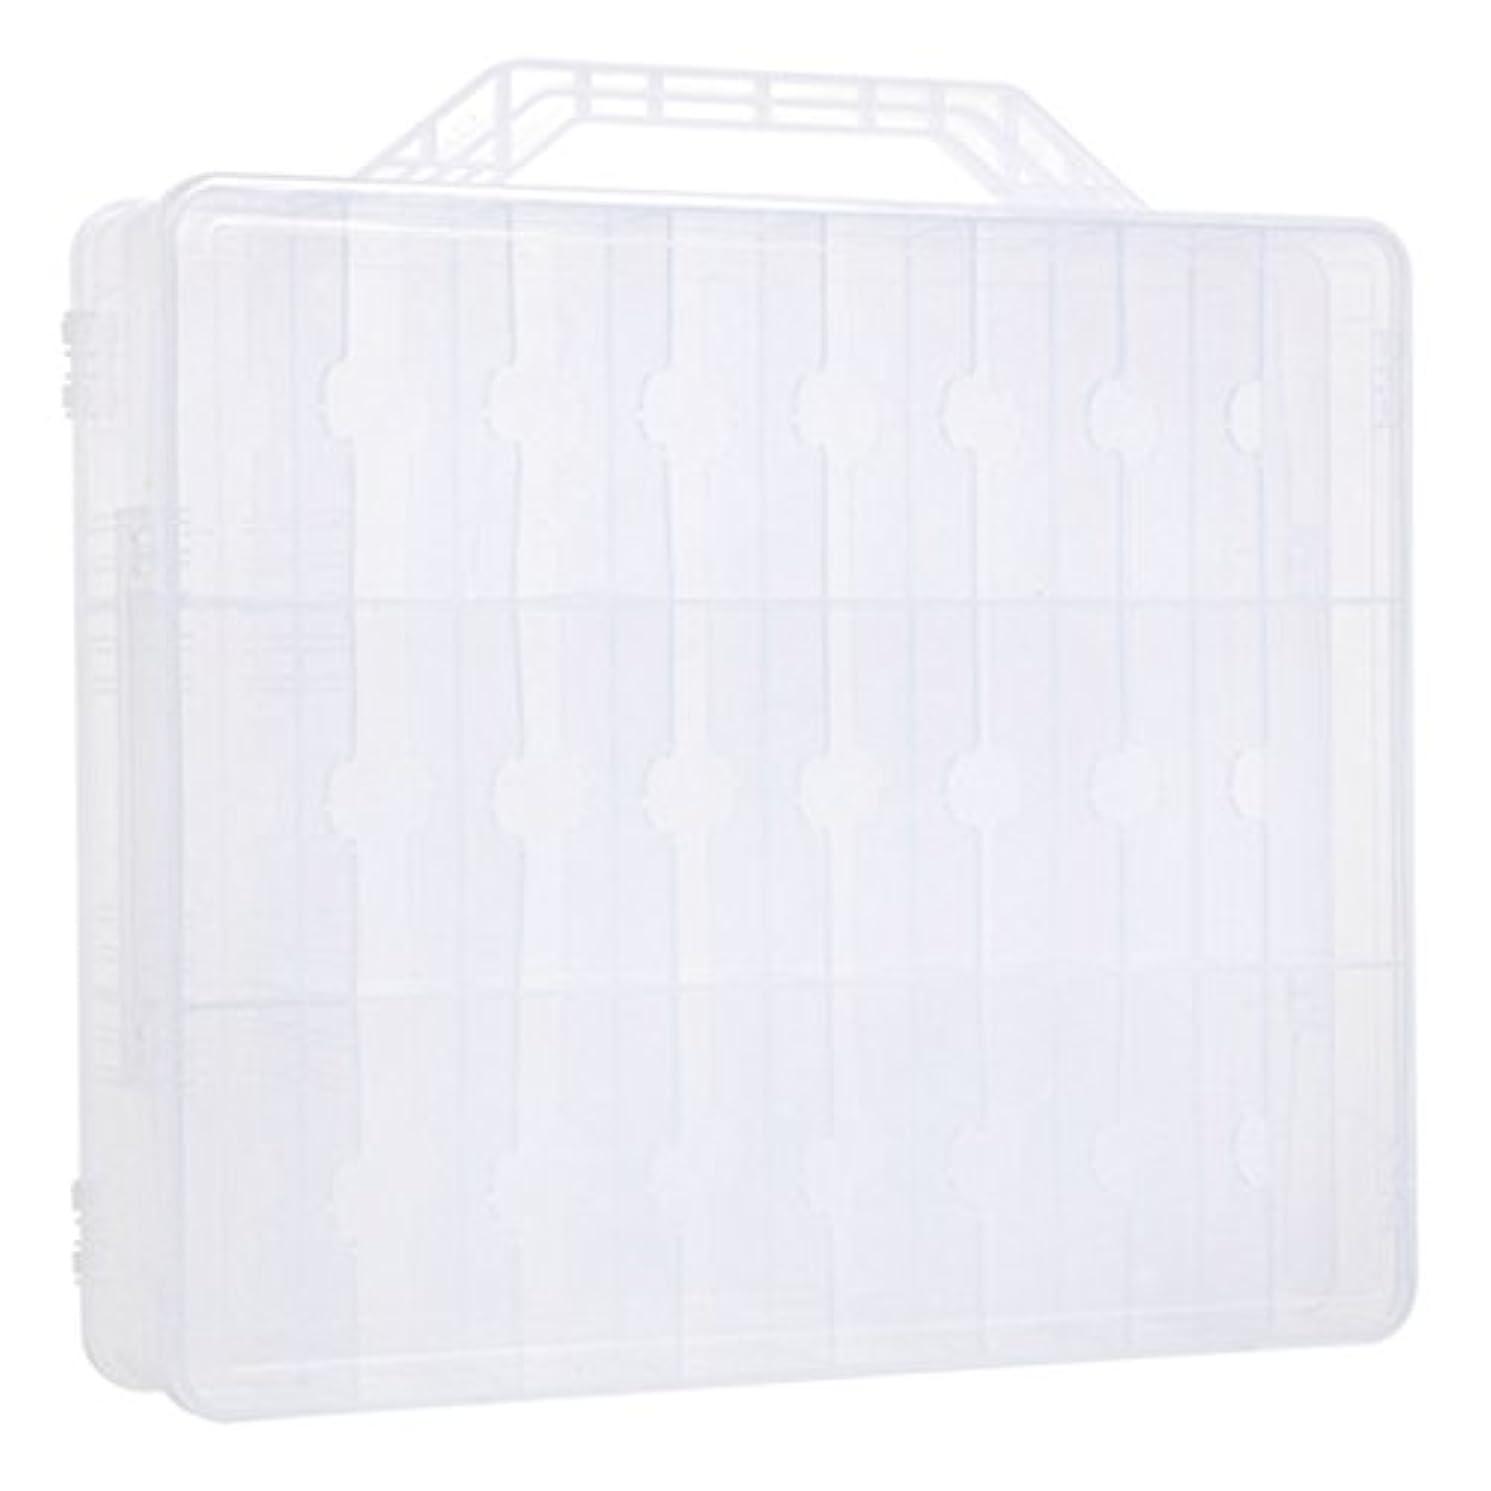 革新直感苦難Kapmore ネイルカラー 収納ボックス ネイルポリッシュ マニキュアケース 48ボトル収納可能 透明 プラスチック 小物入れ ヘアバンド ヘアクリップ 持ち運び